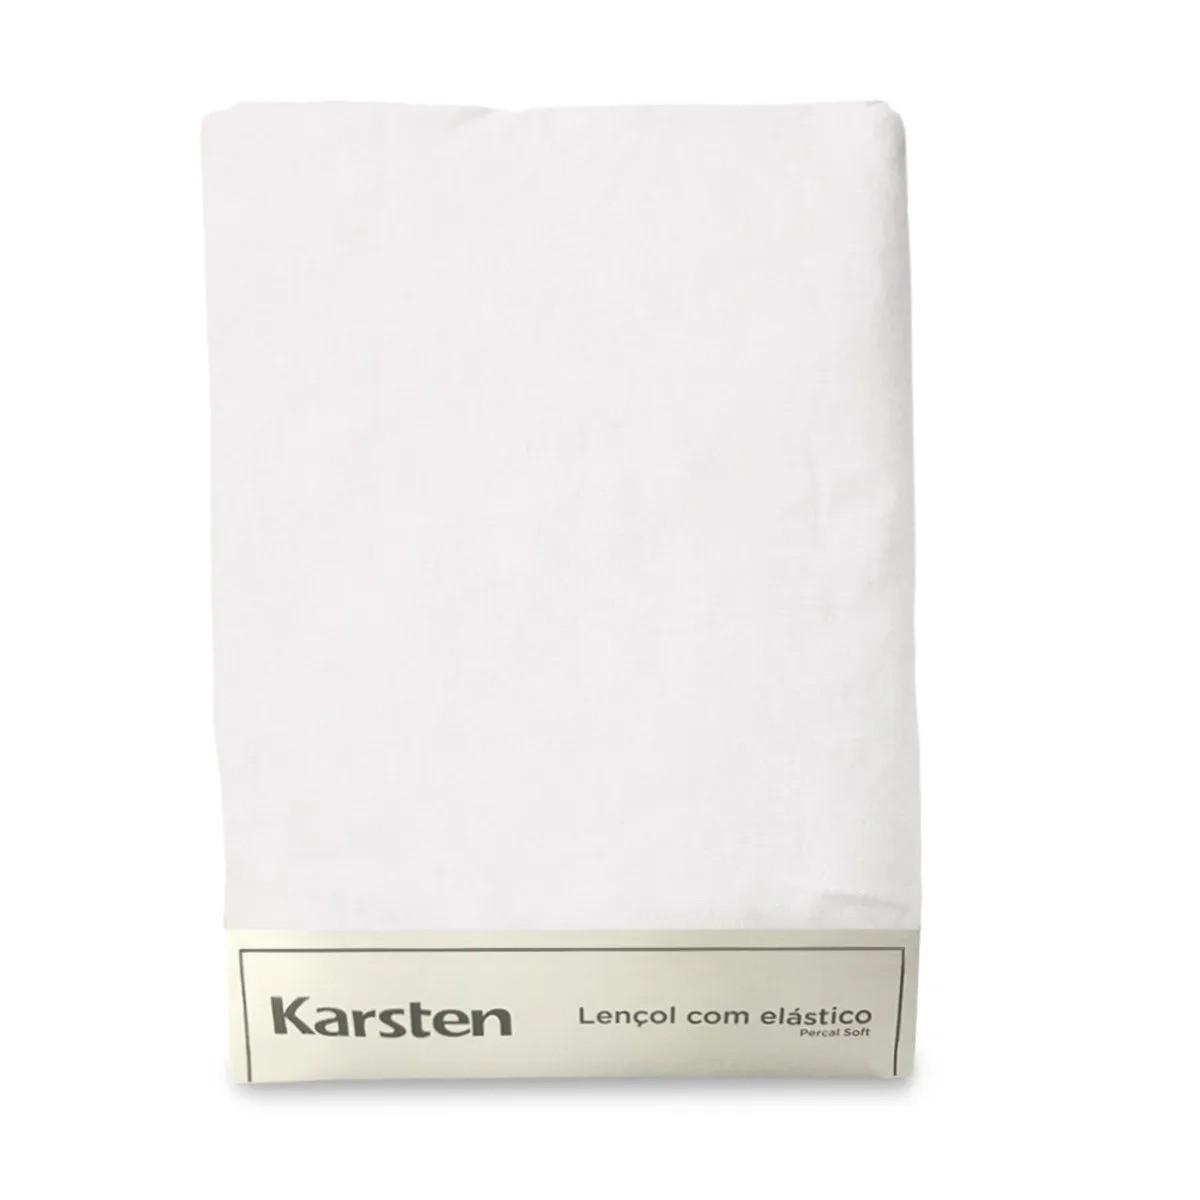 Lençol solteirão branco de elástico liss - karsten 180 fios avulso